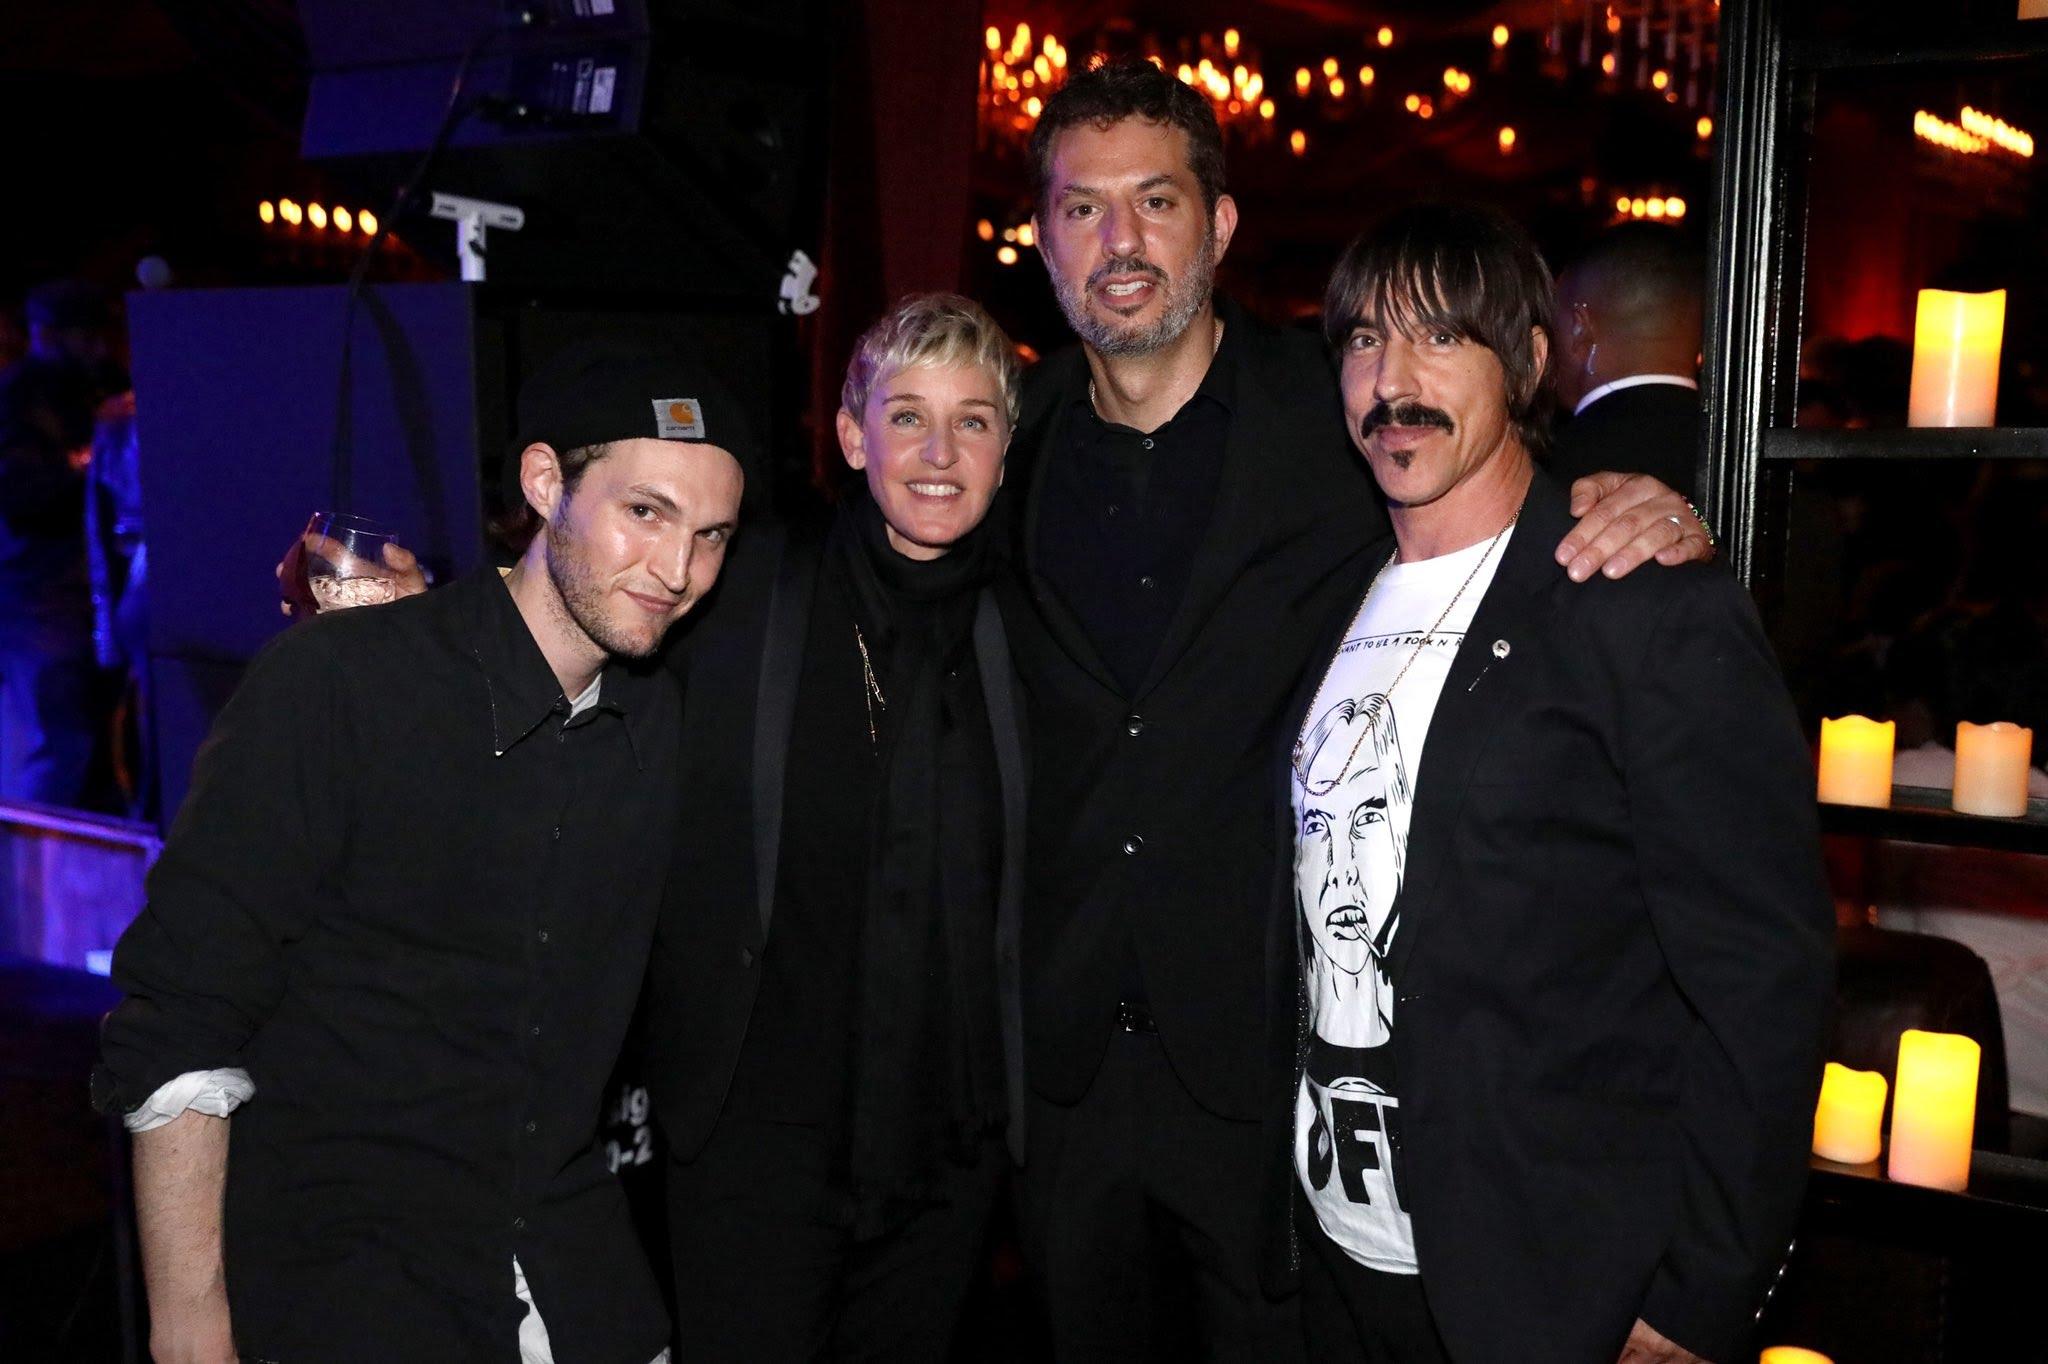 Много е популярна. Други гости бяха Anthony Kiedis и Josh Klinghoffer от Red Hot Chilli Peppers и мениджърът им  Guy Oseary.